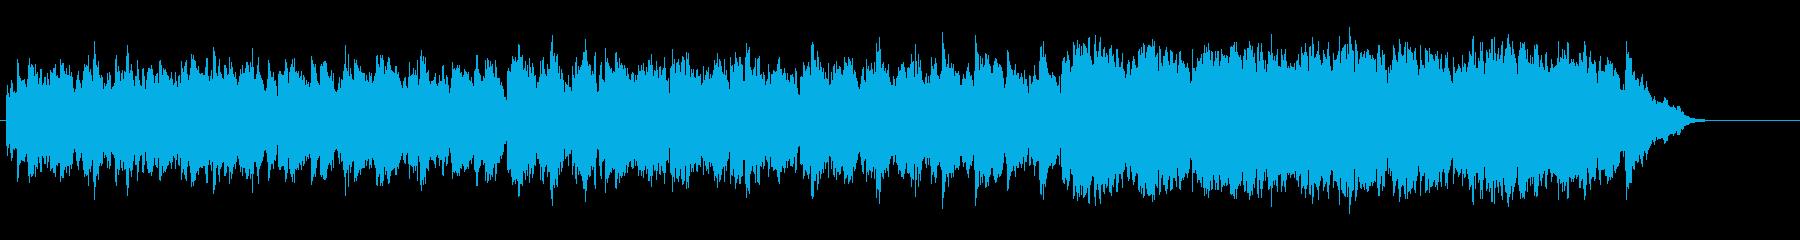 ソフトでひそやかなロマンチック・バラードの再生済みの波形